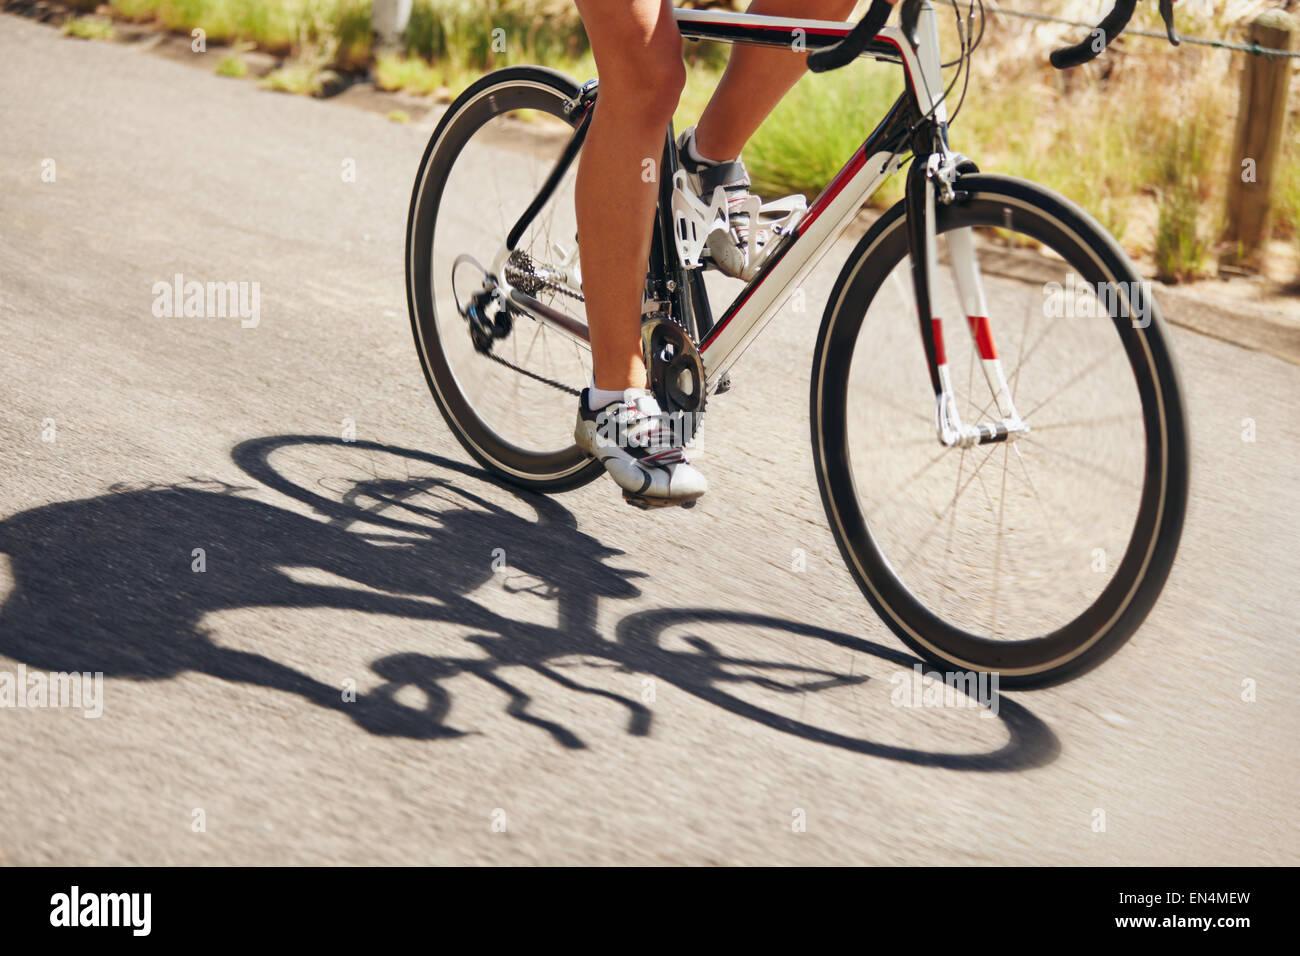 La section basse image de woman riding bicycle on country road. Portrait de l'athlète féminine de Photo Stock